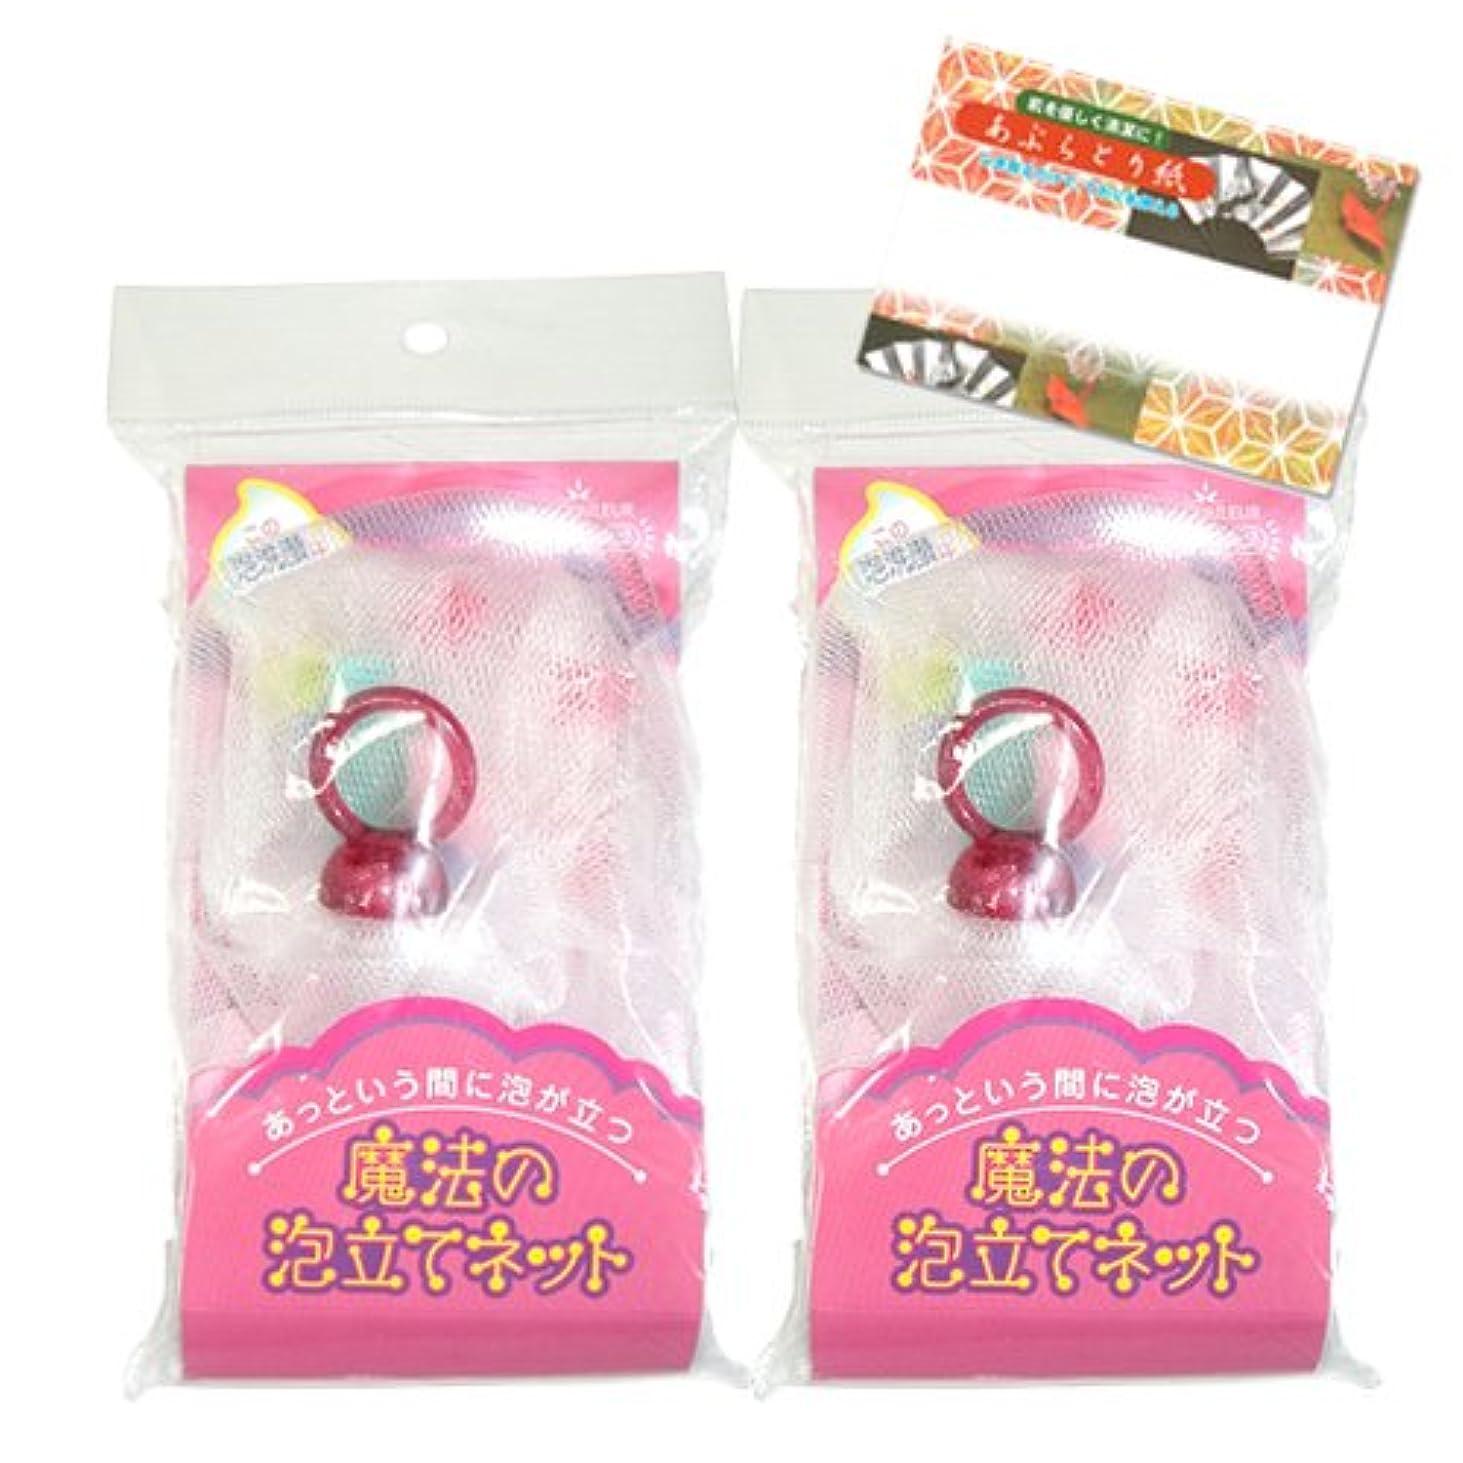 ランデブートロイの木馬習慣モンクレール 魔法の泡立てネット ソフトタイプ (ピンク) x 2個セット + あぶらとり紙 10枚入